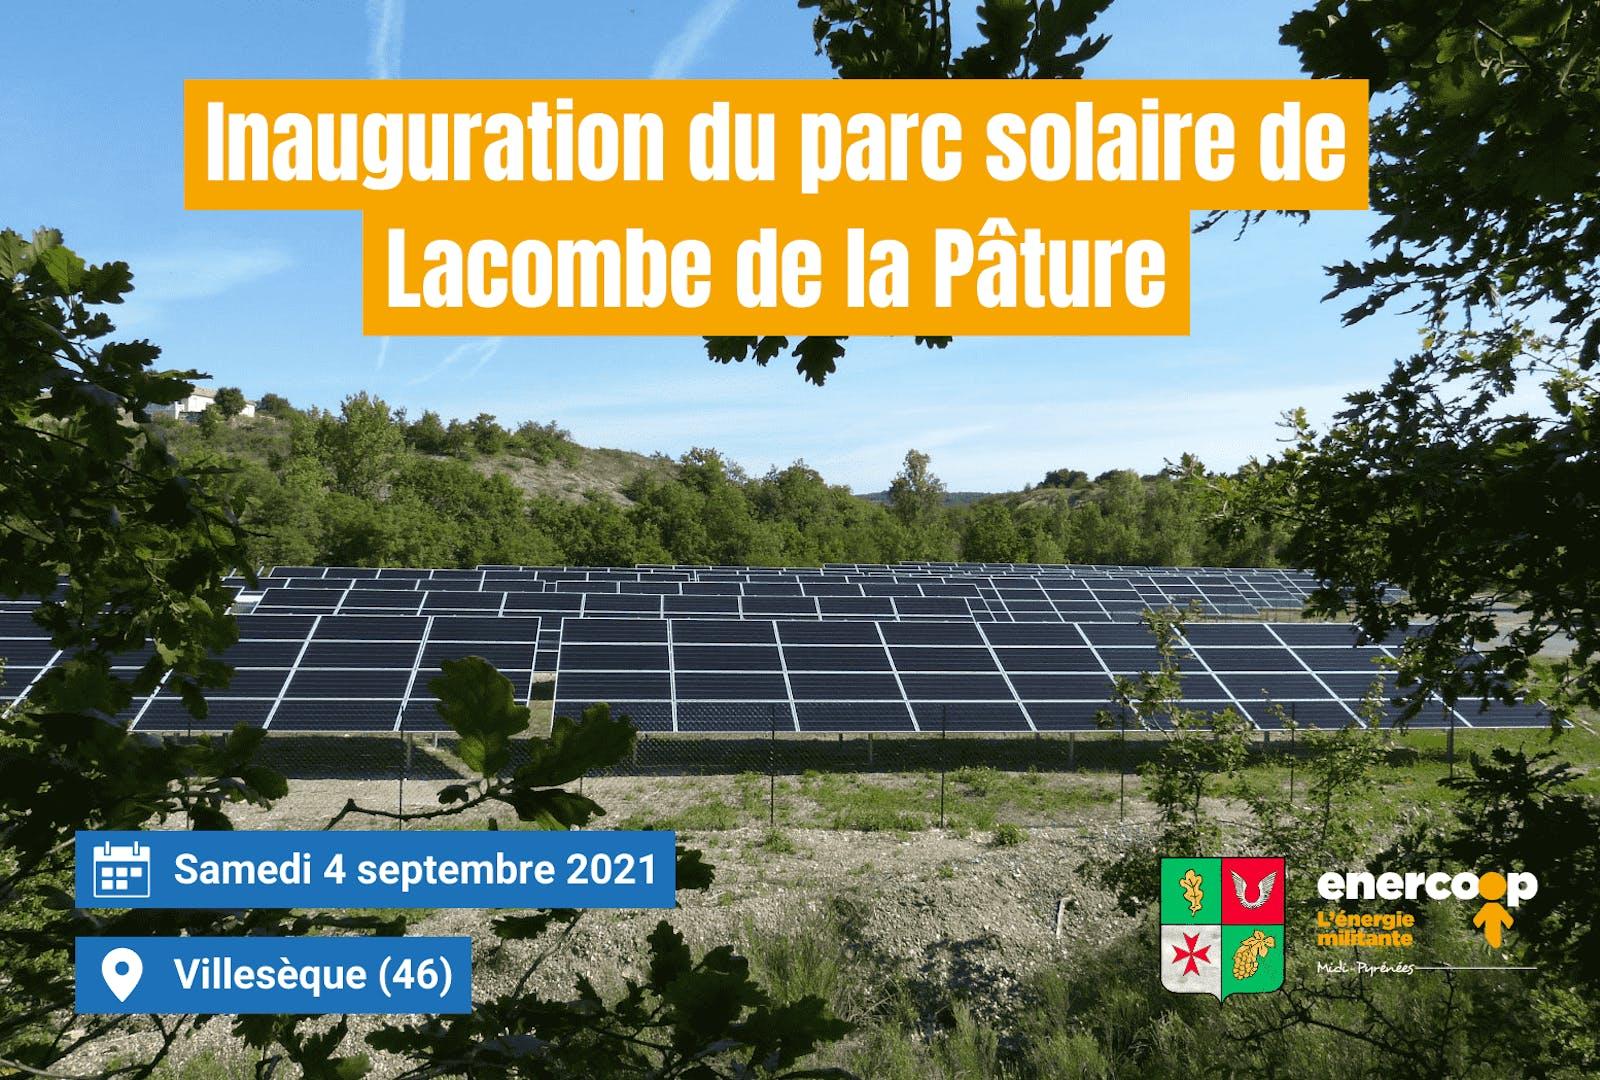 Visuel d'annonce de l'inauguration du parc solaire de Villesèque